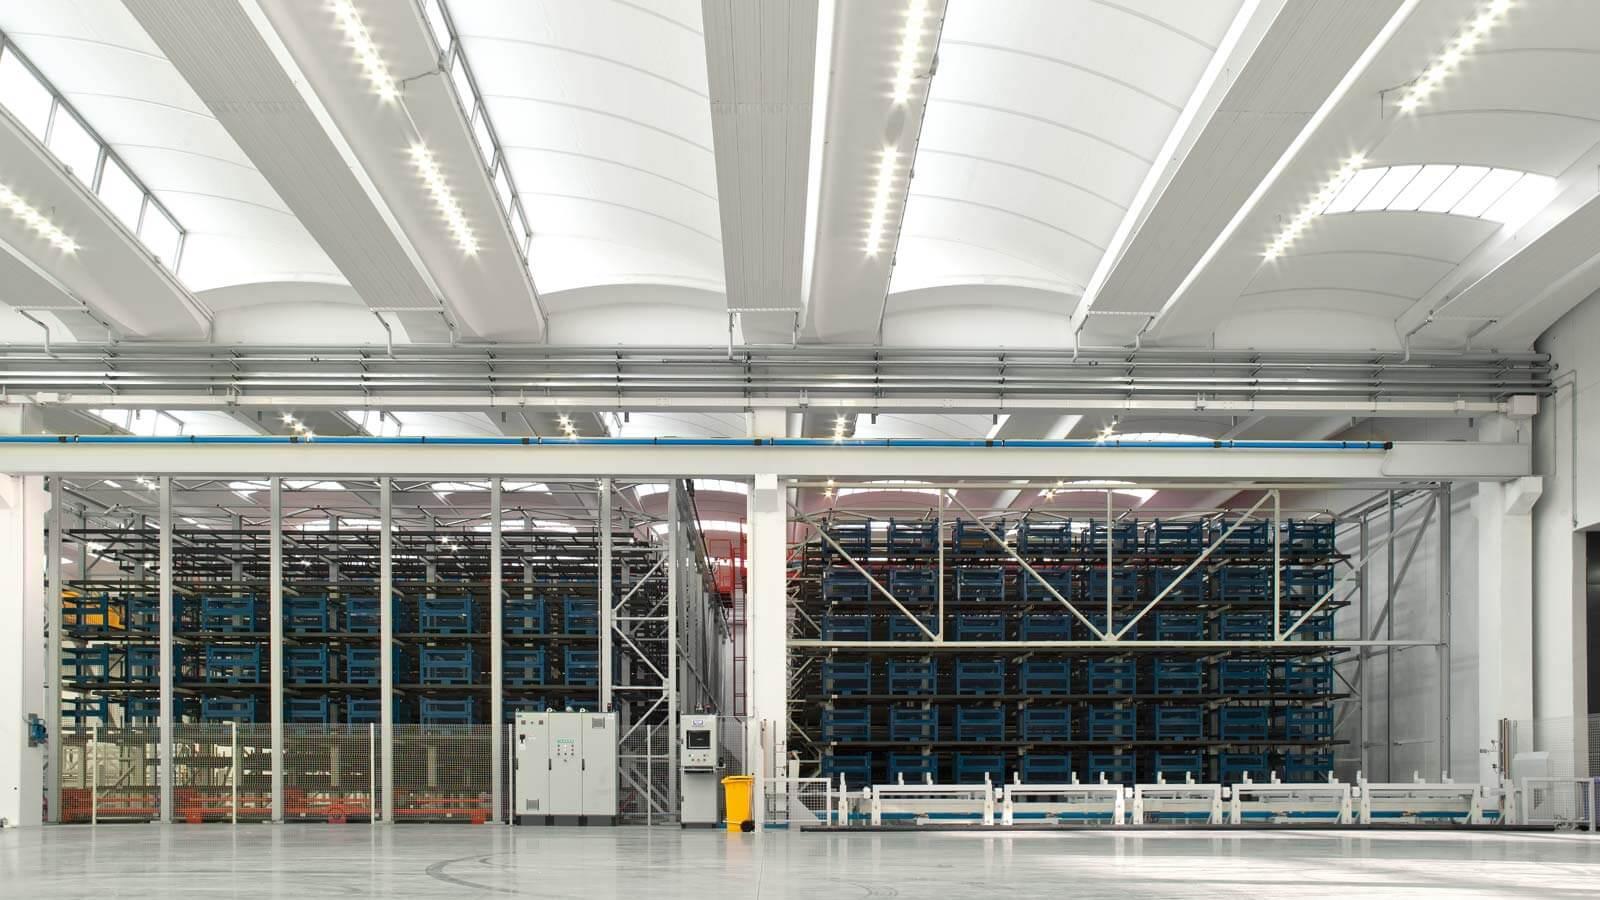 Progetto aec illuminazione sotto una nuova luce baraclit